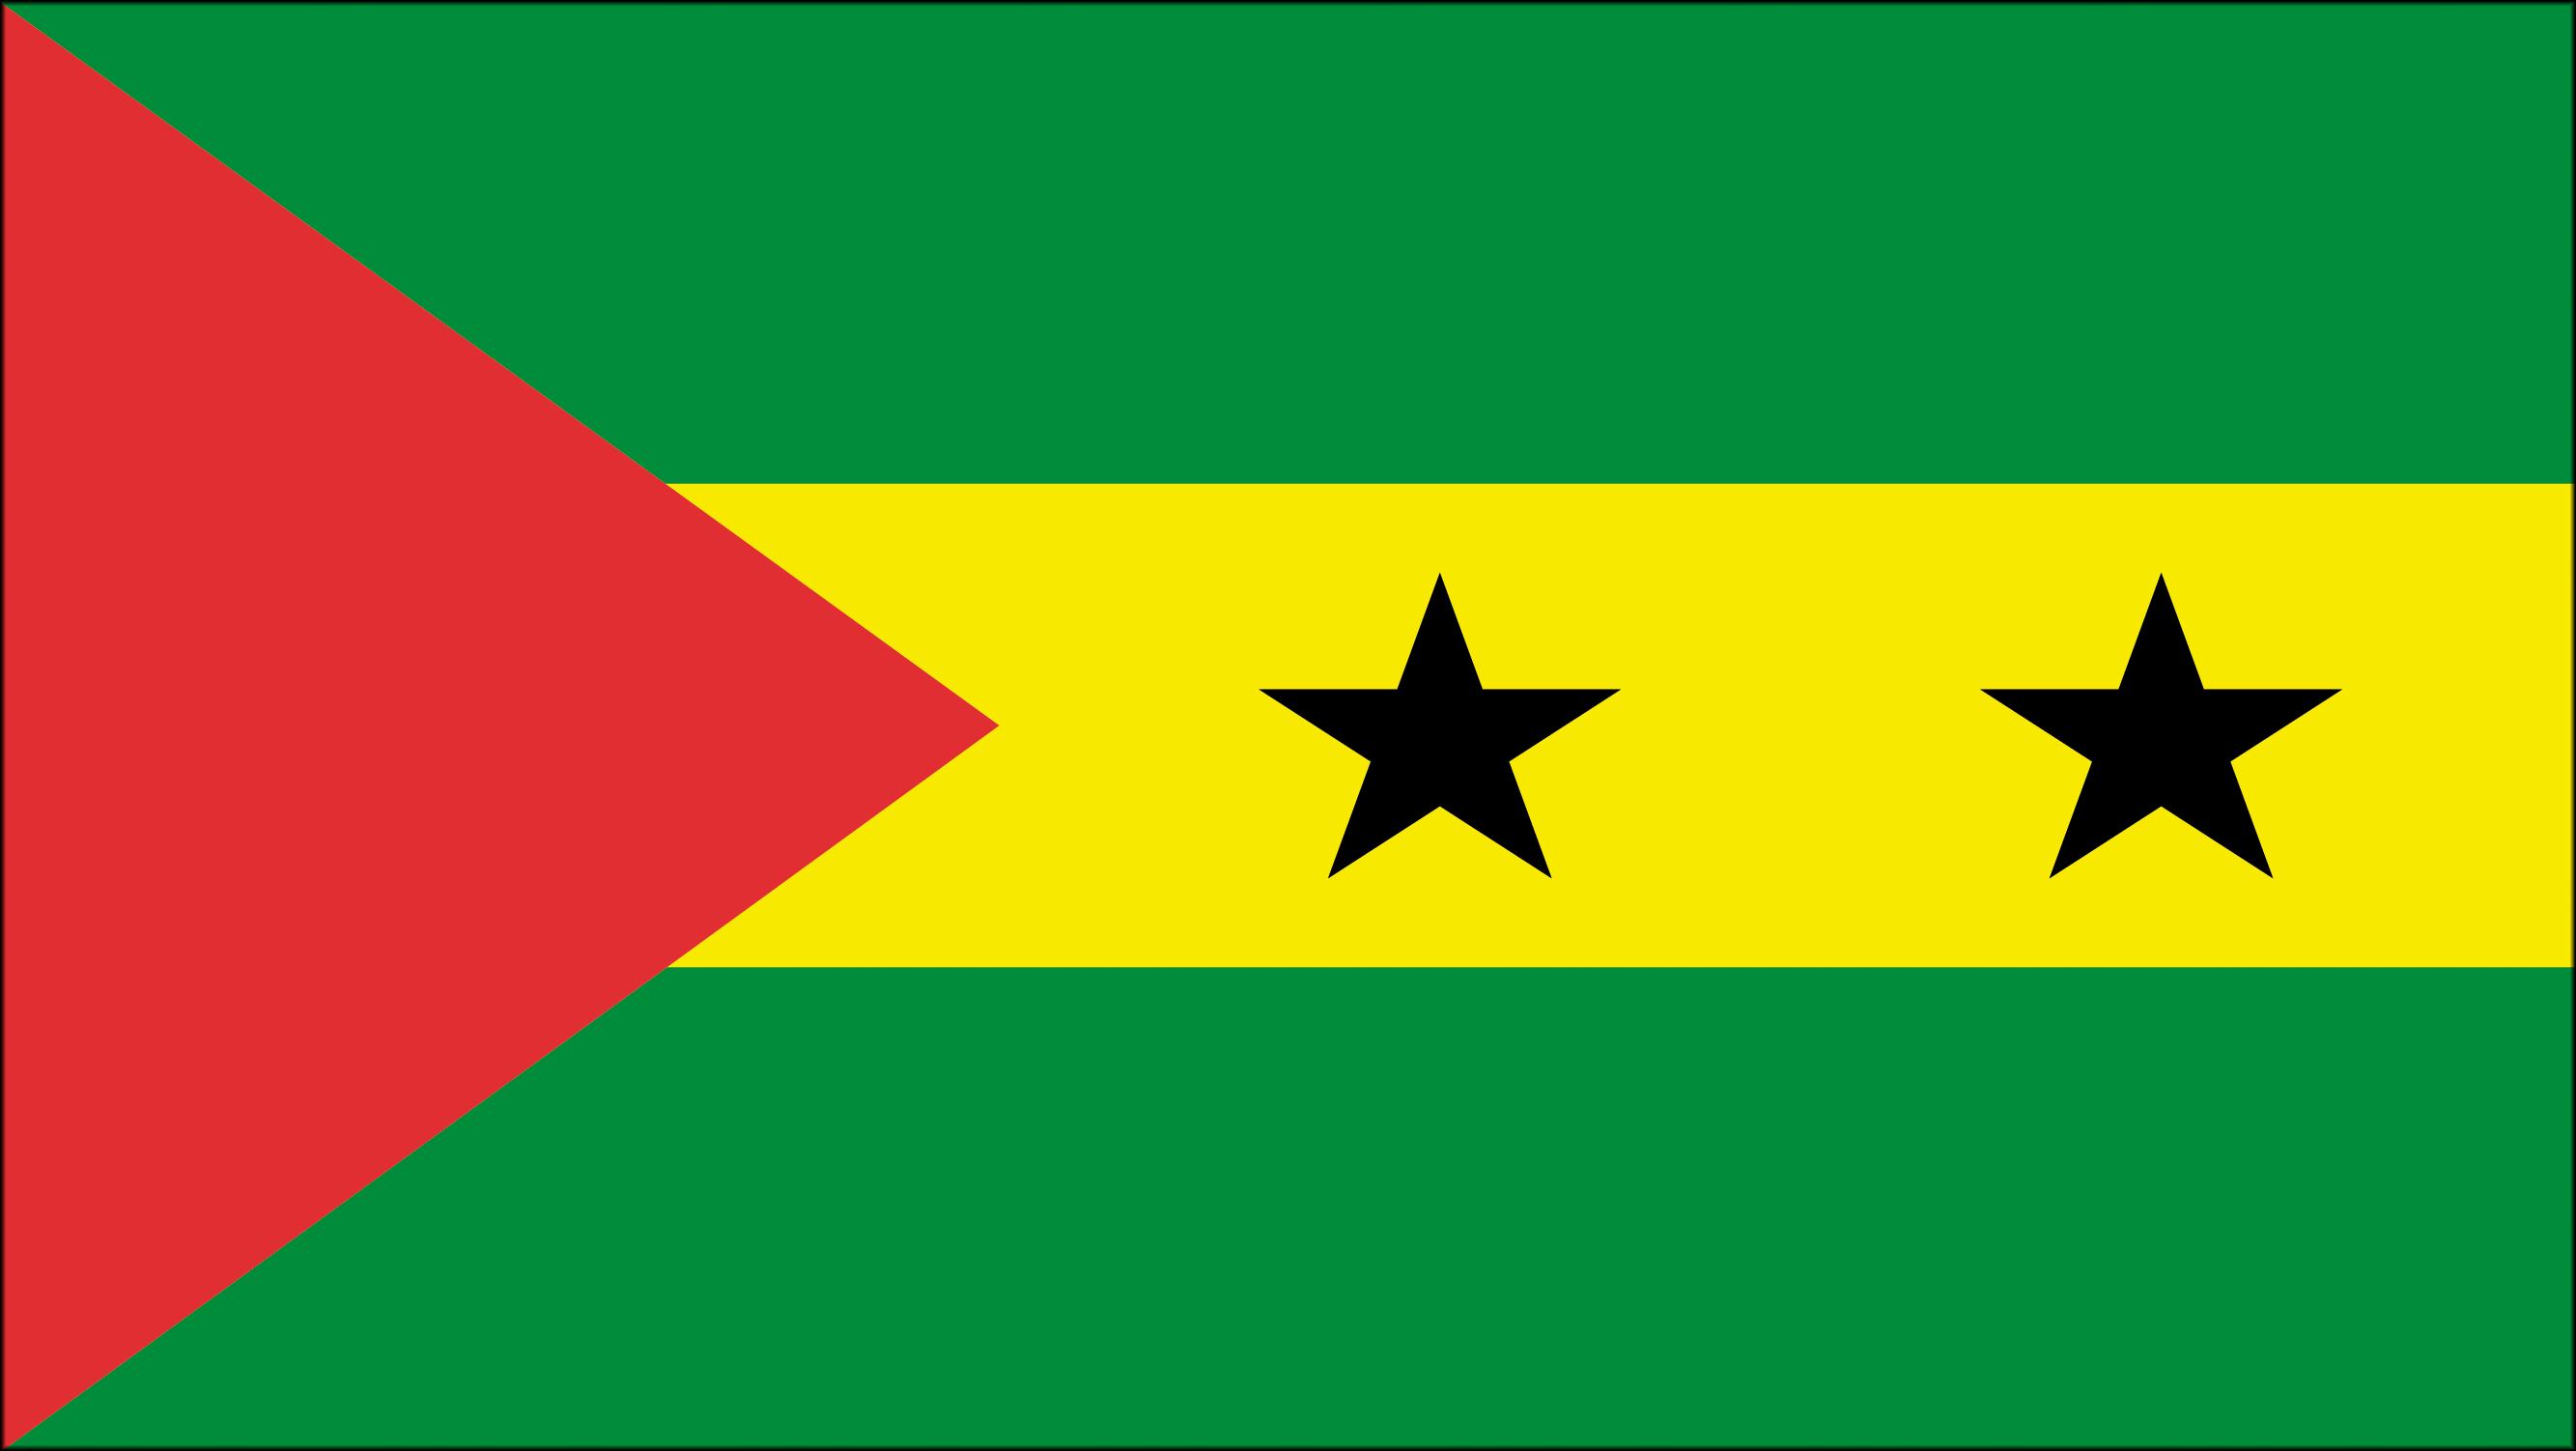 Bandera de Santo Tom y Prncipe  Banderas y escudos  Pinterest